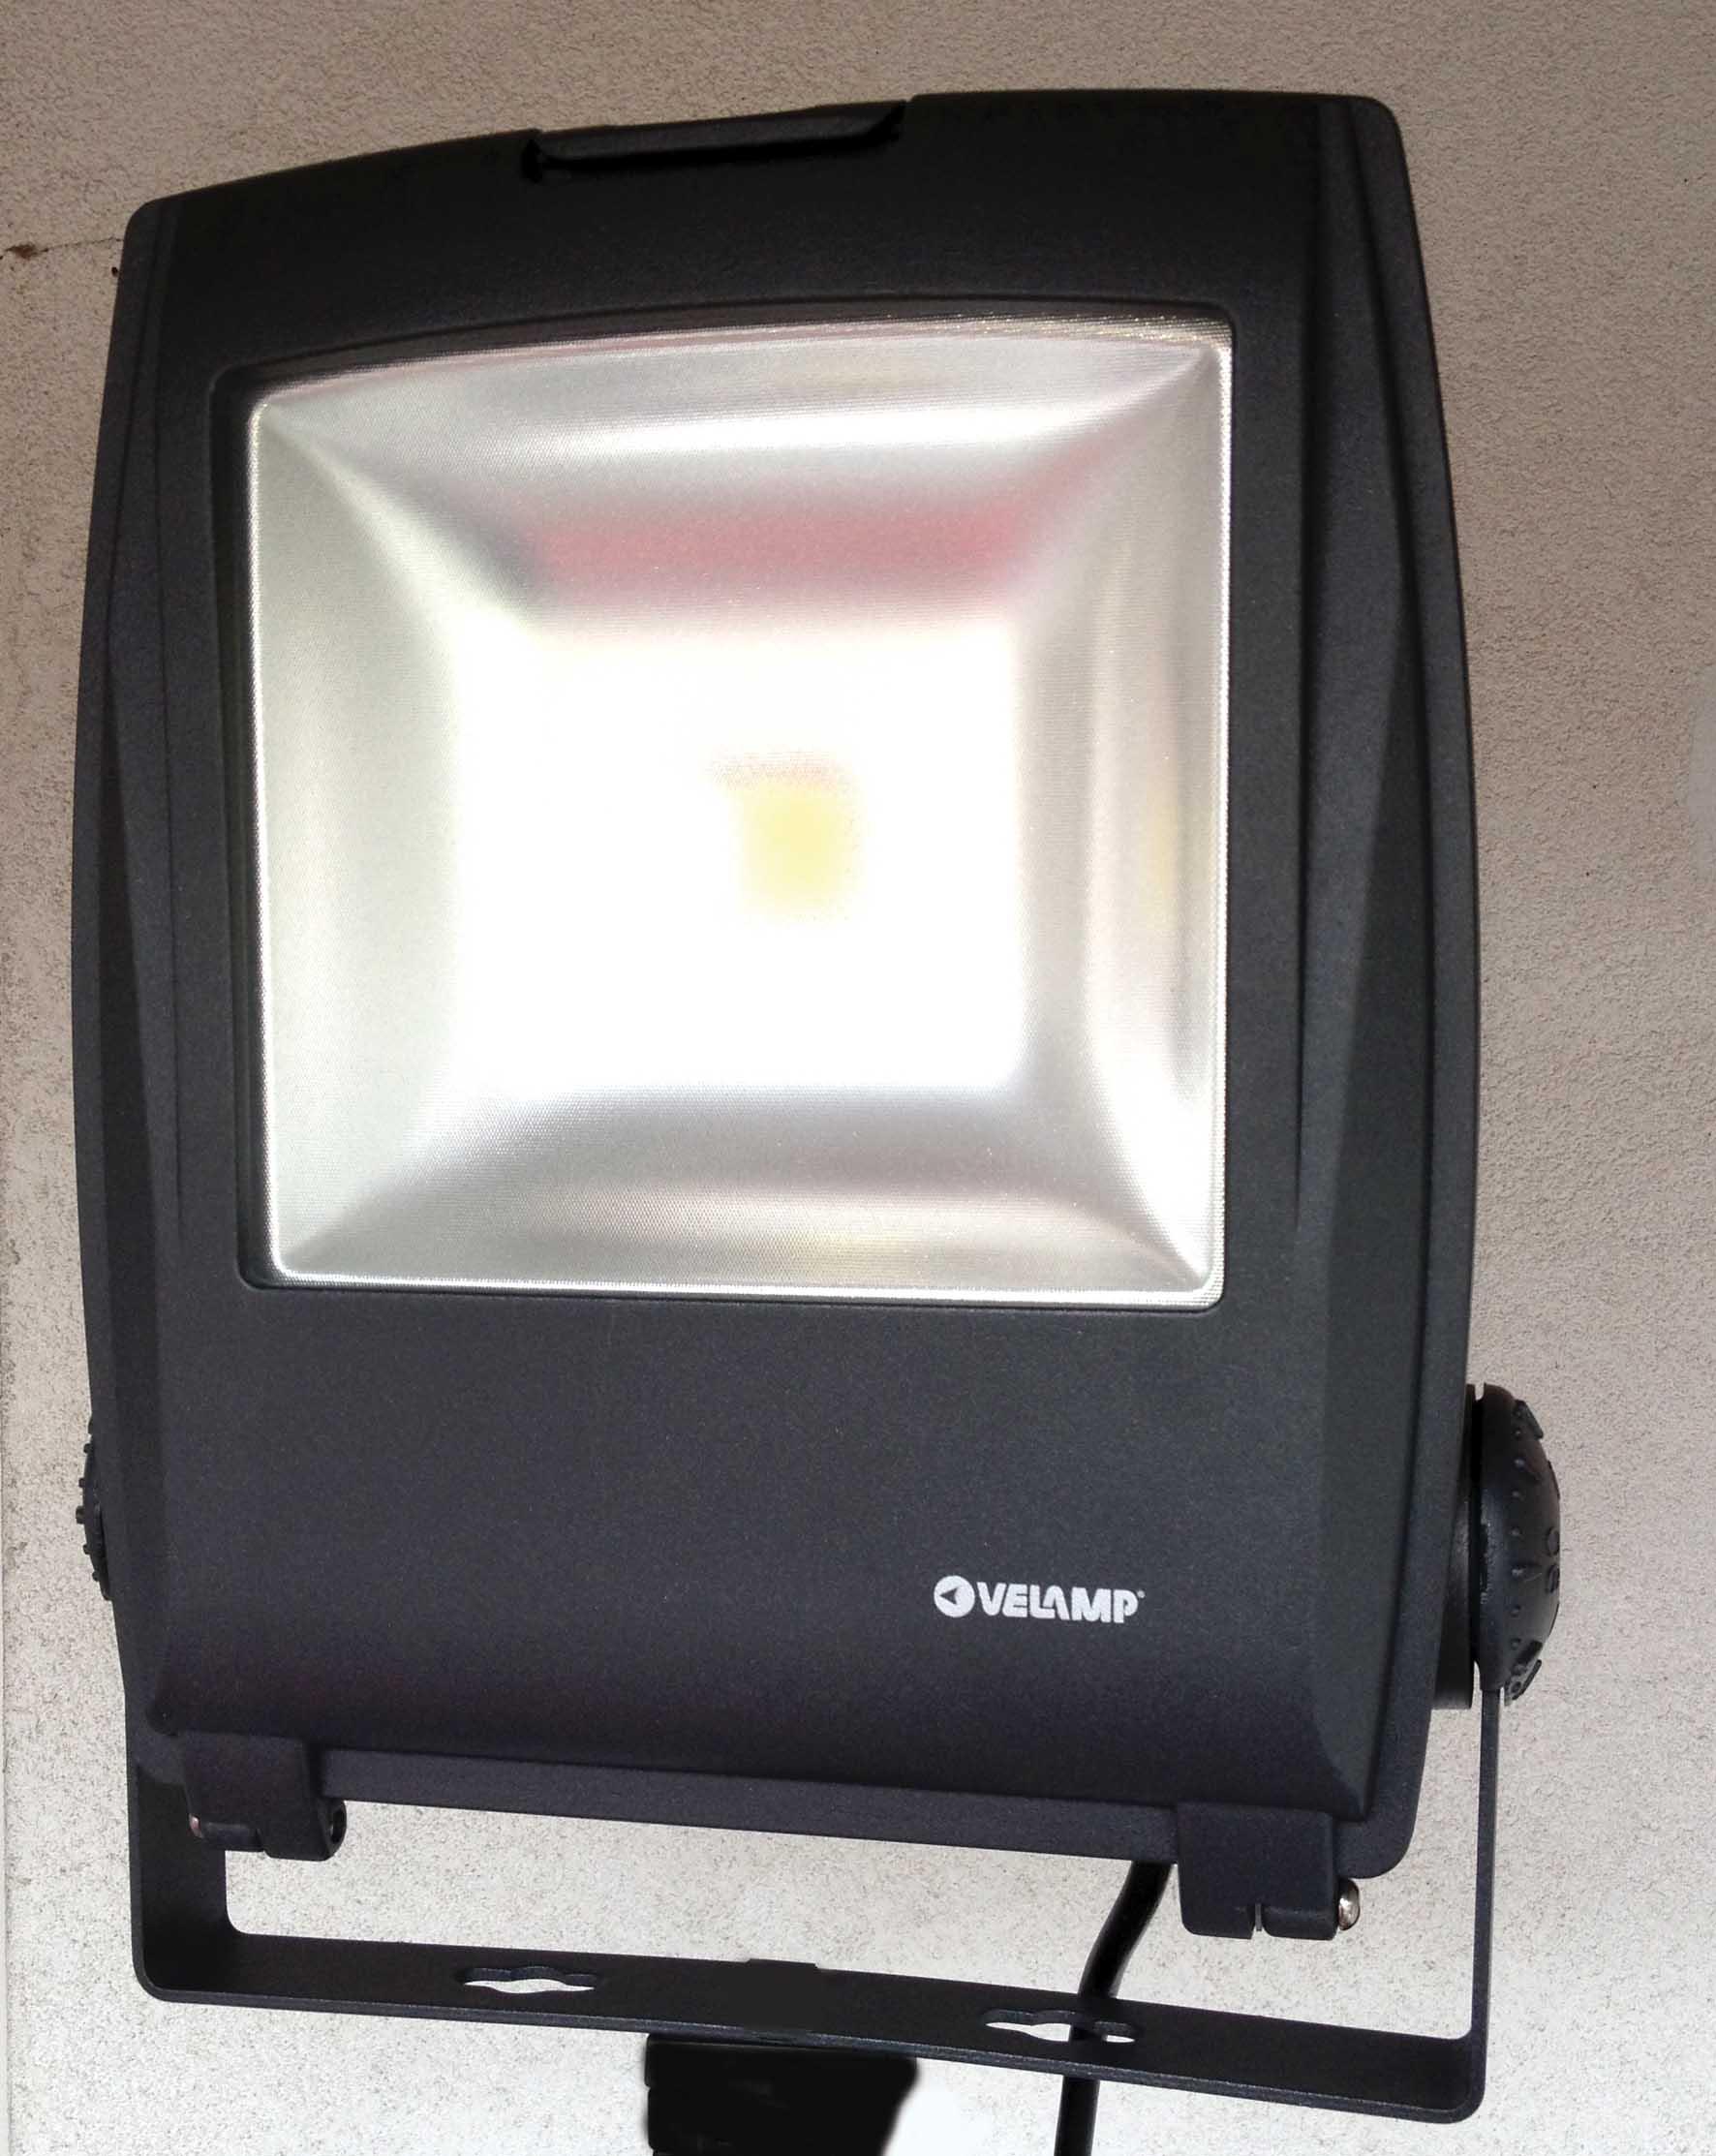 Velamp-faro-LED-IS250-ilnordest